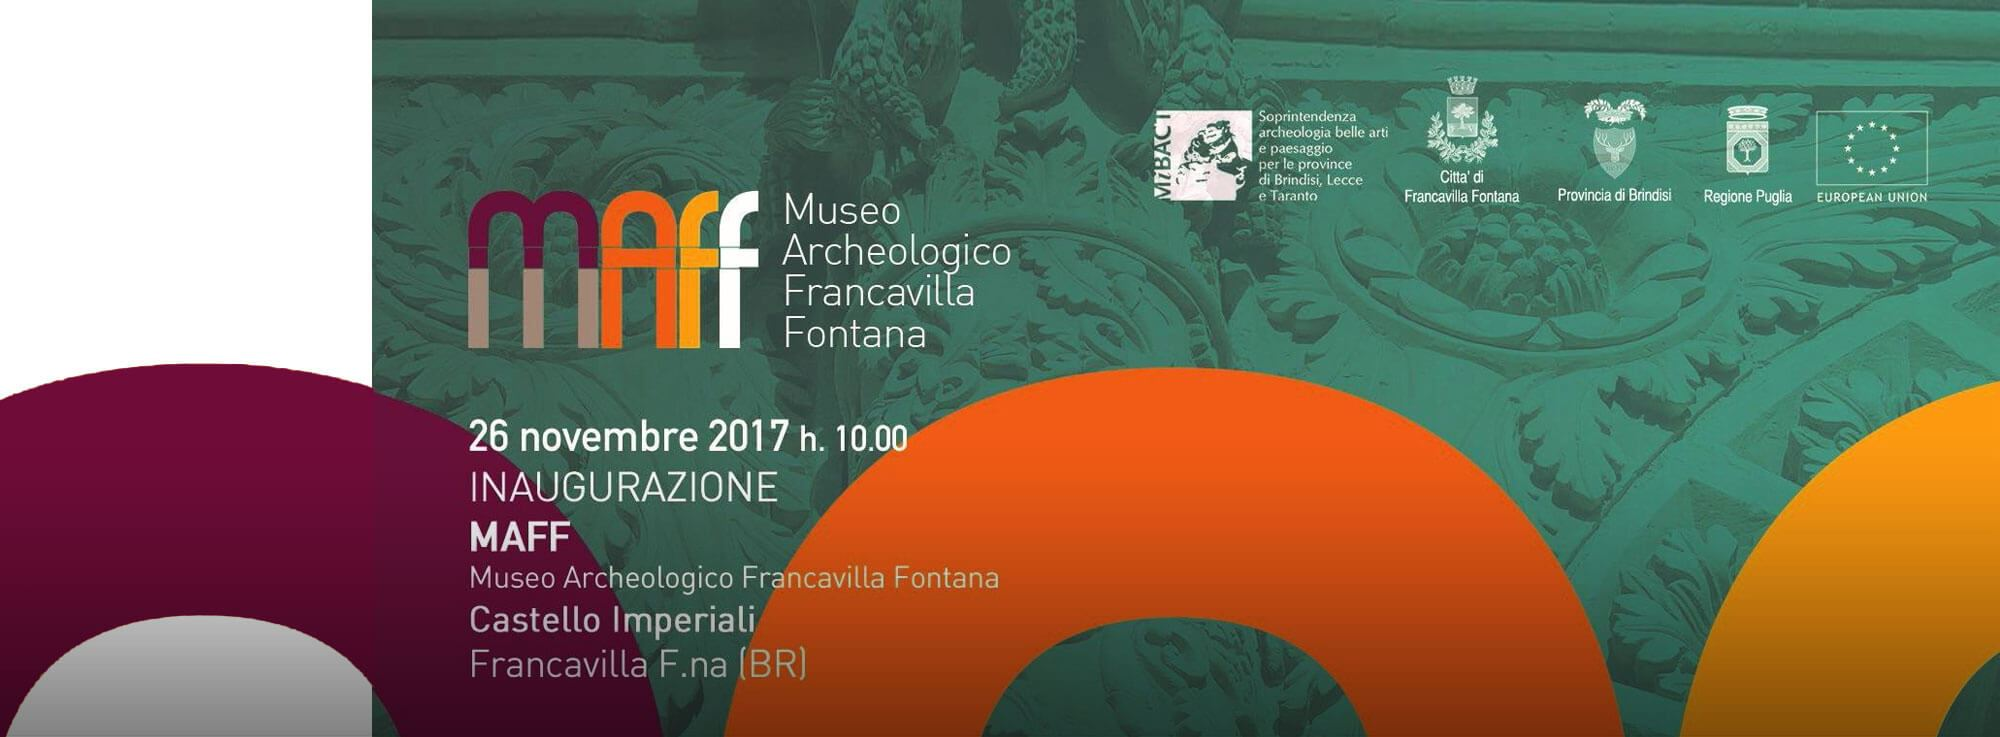 Francavilla Fontana: Inaugurazione museo archeologico